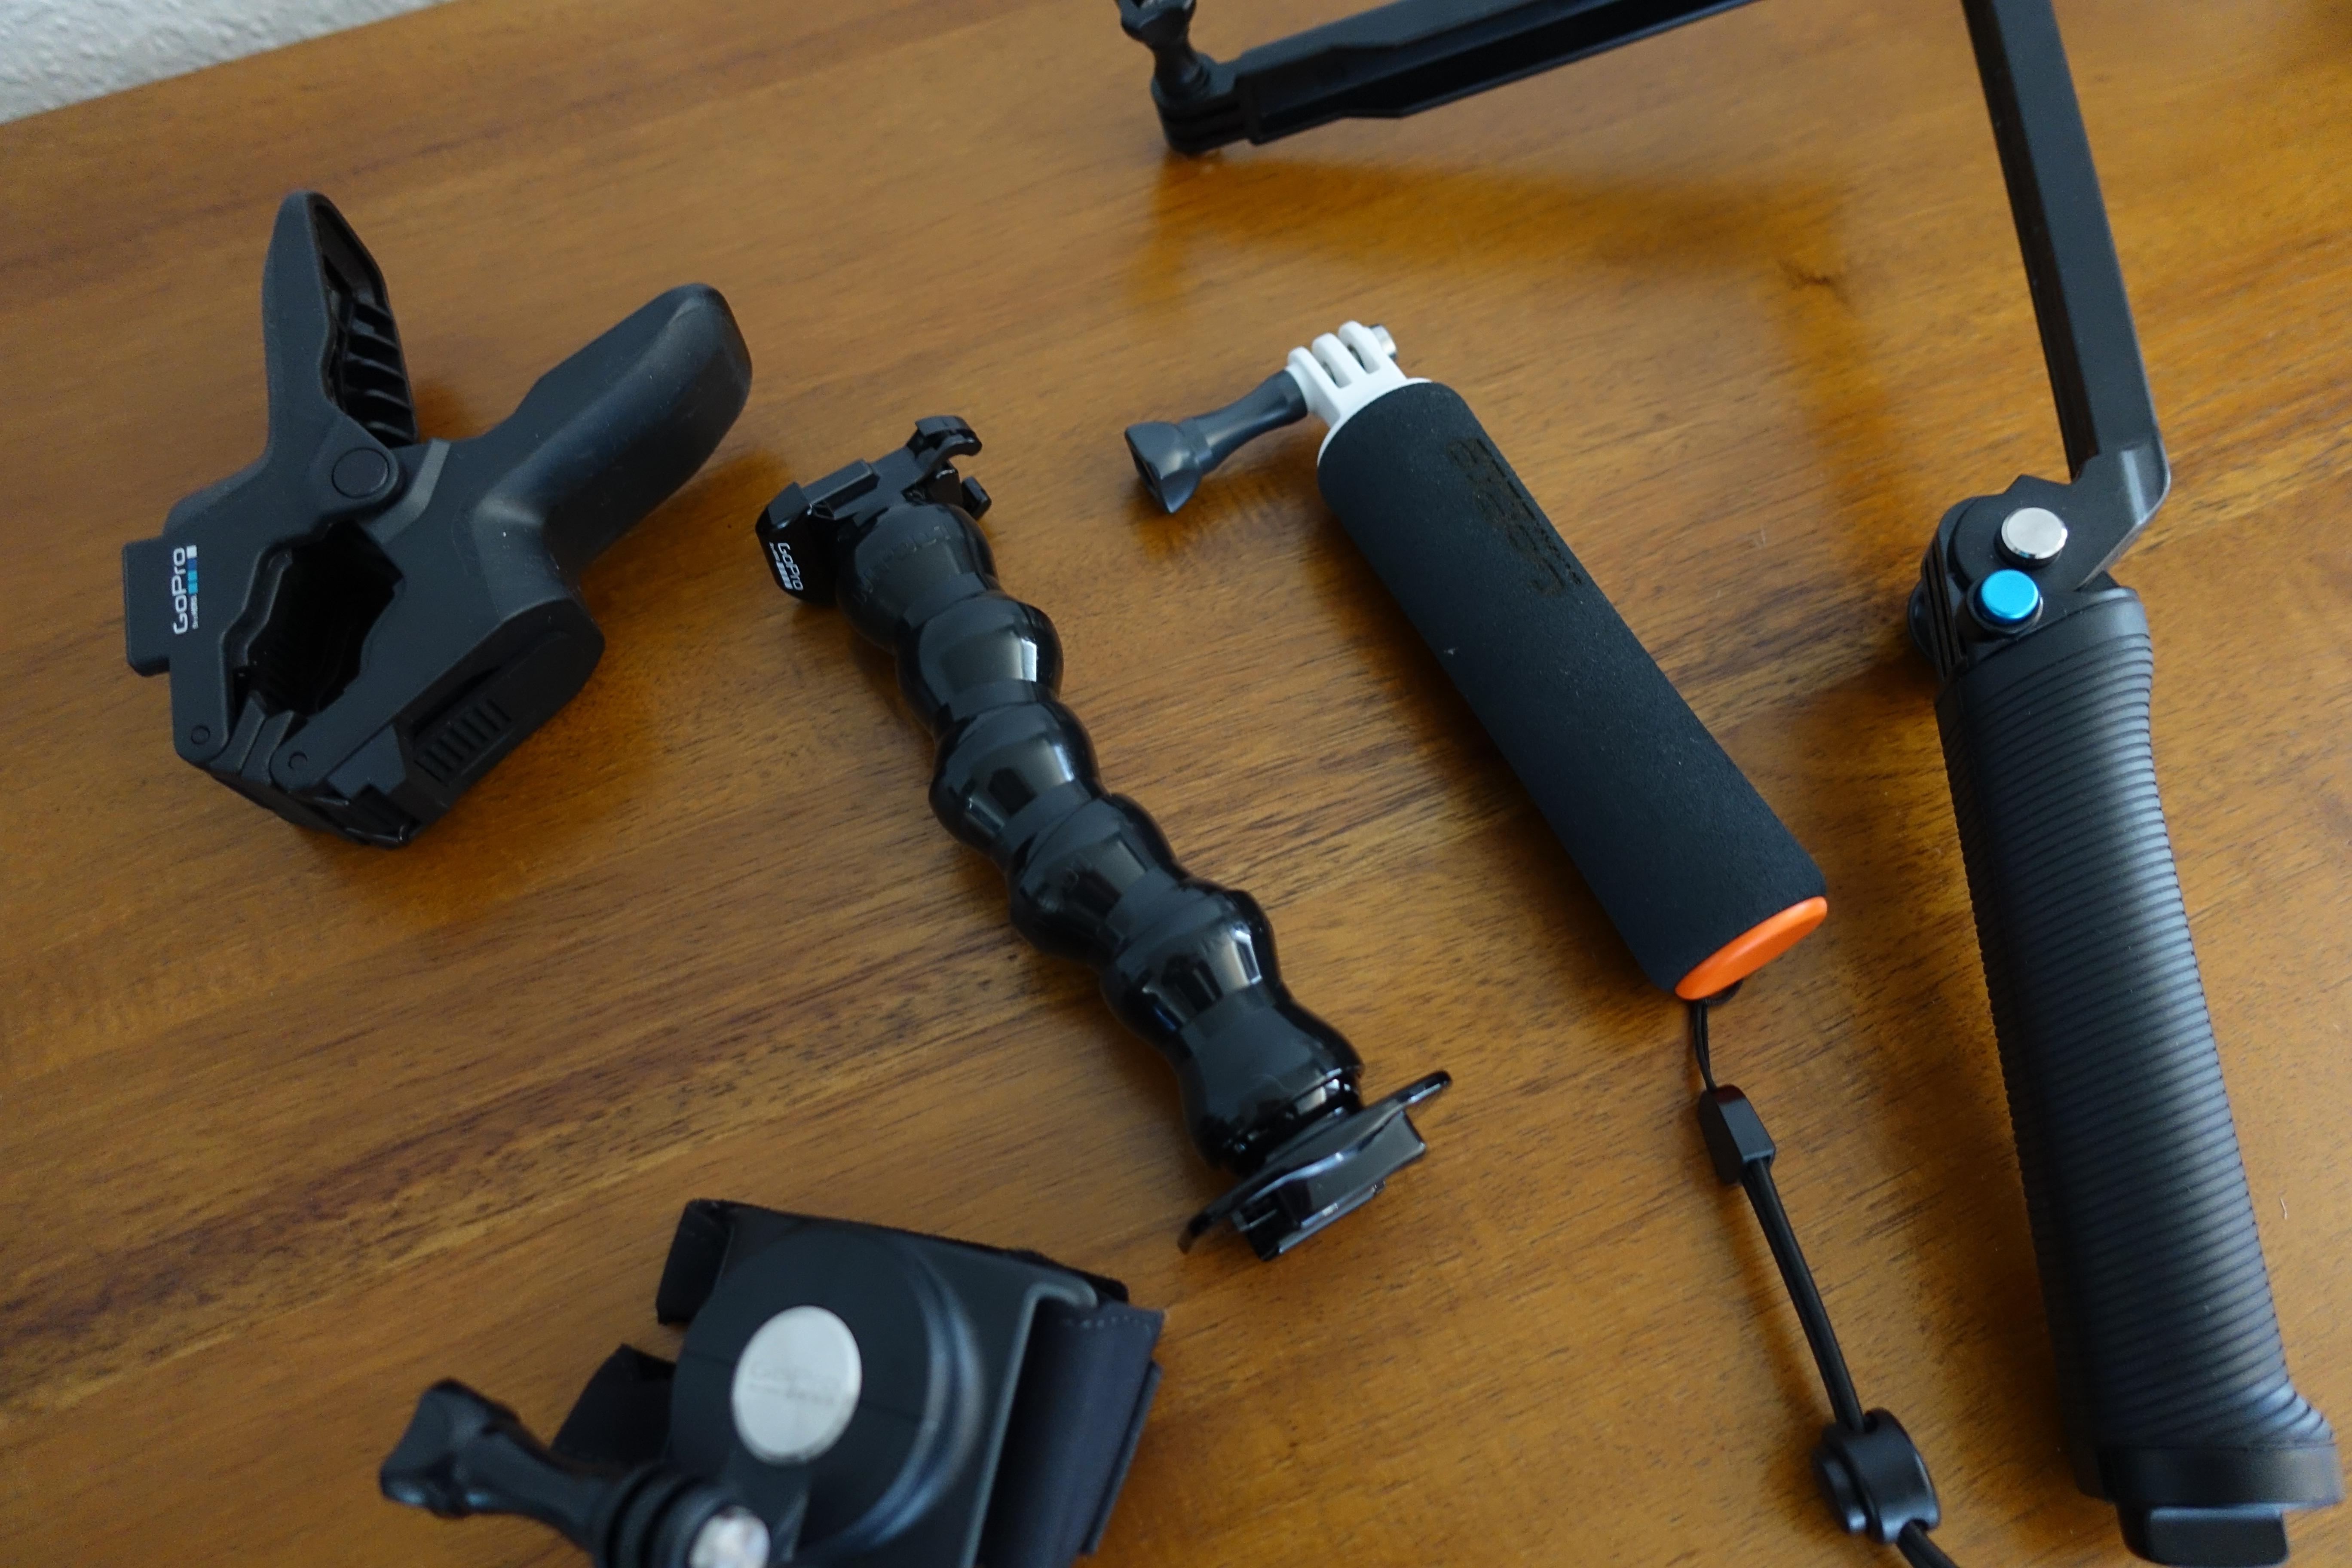 Det er et absolutt hav av tilbehør til GoPro-modellene, og alt fungerer på begge.